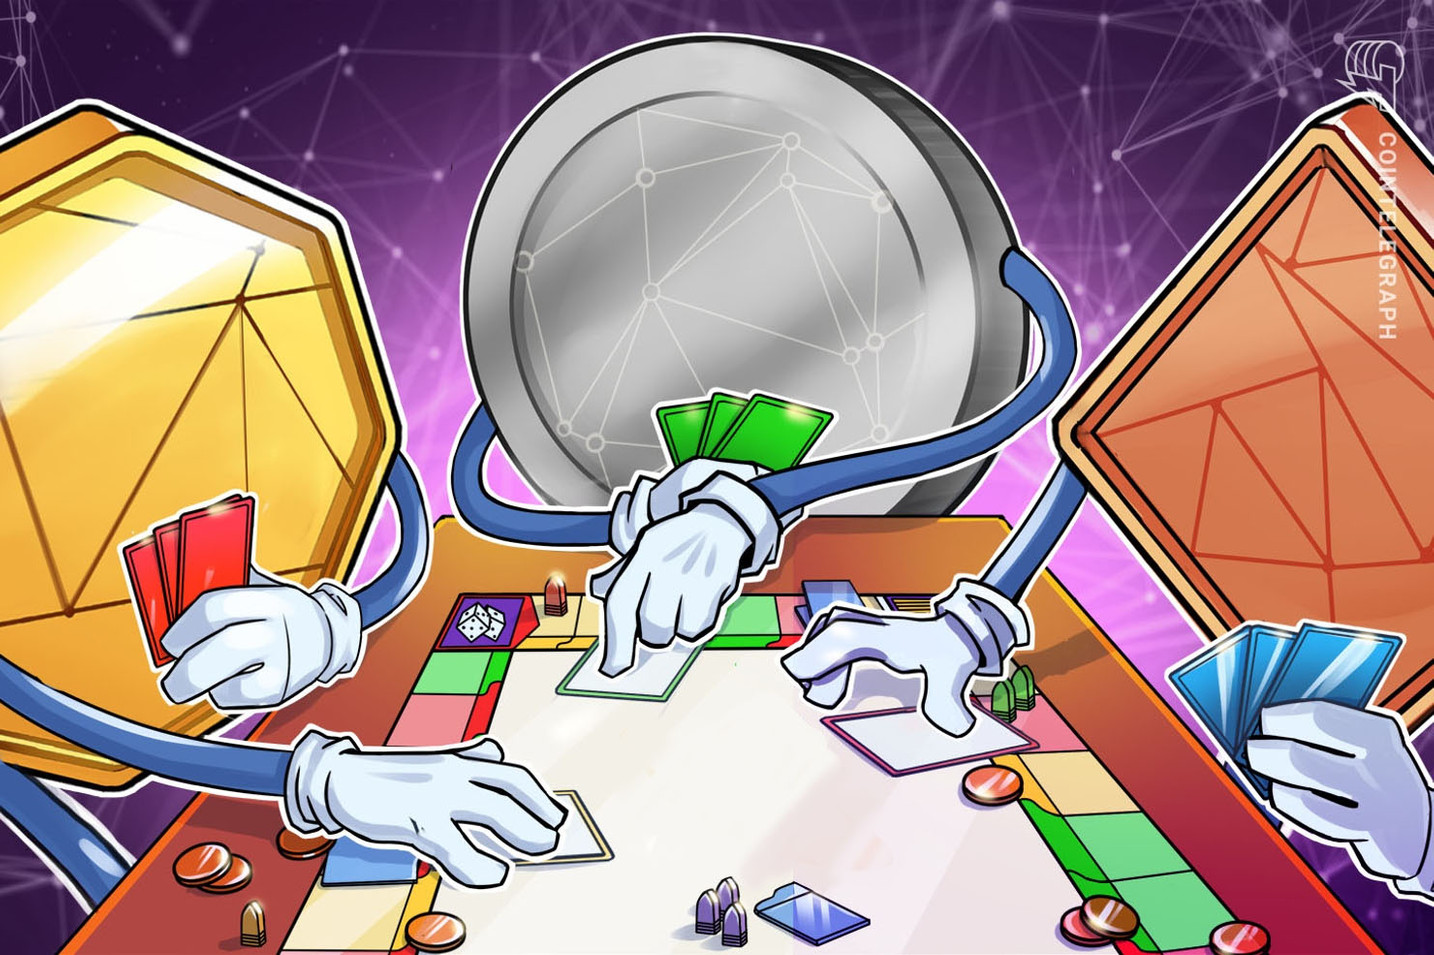 Se prepara el lanzamiento en versión alfa del primer juego construido en la blockchain de Tezos